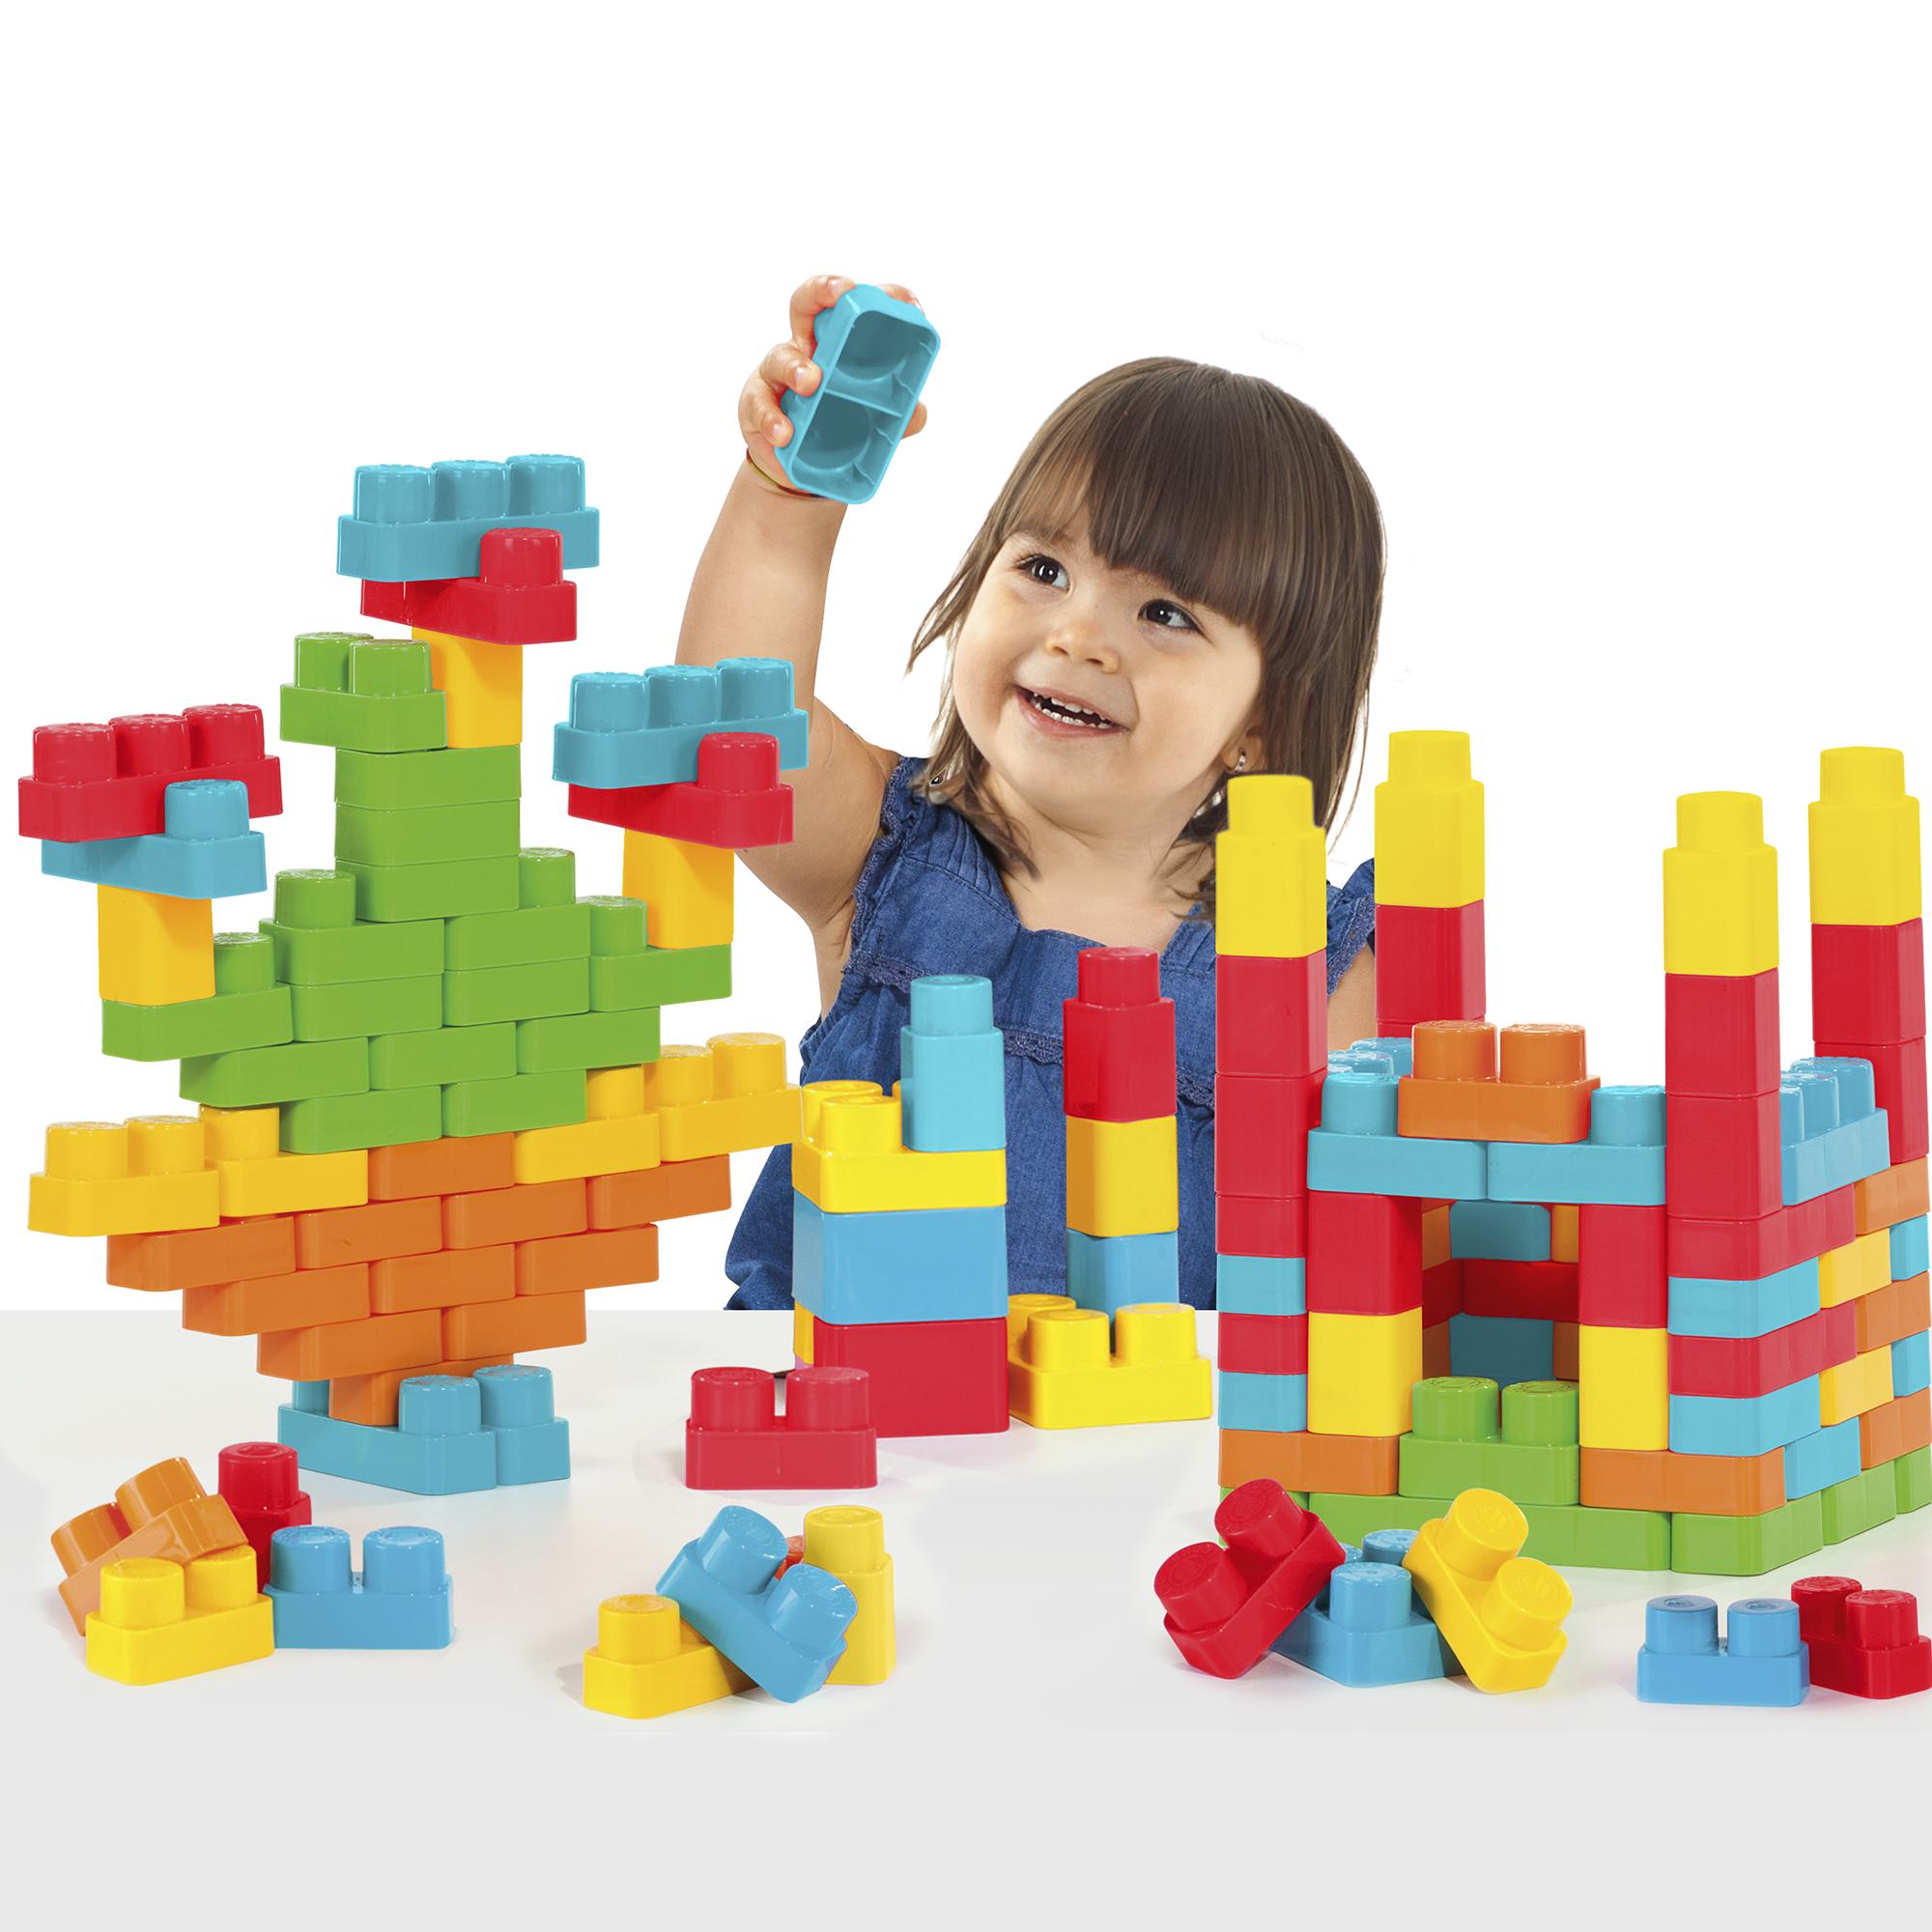 REF.-8011-BABY-LAND-BLOCKS-BOX-MENINA-BLOCOS